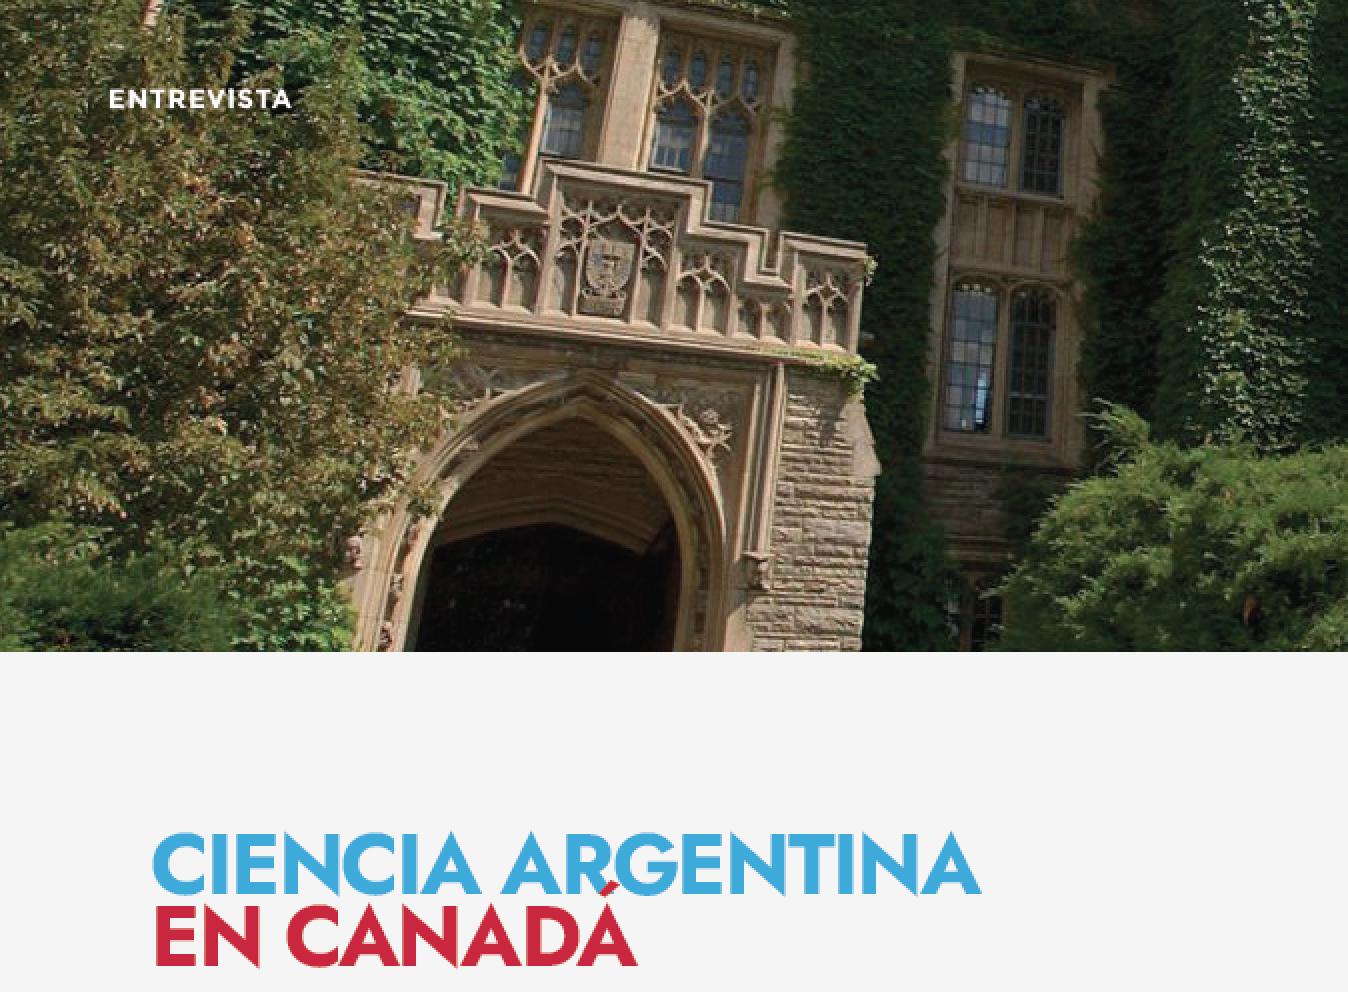 Ciencia Argentina en Canadá.  Entrevista con la Dra. María Inés Pinto-Sánchez